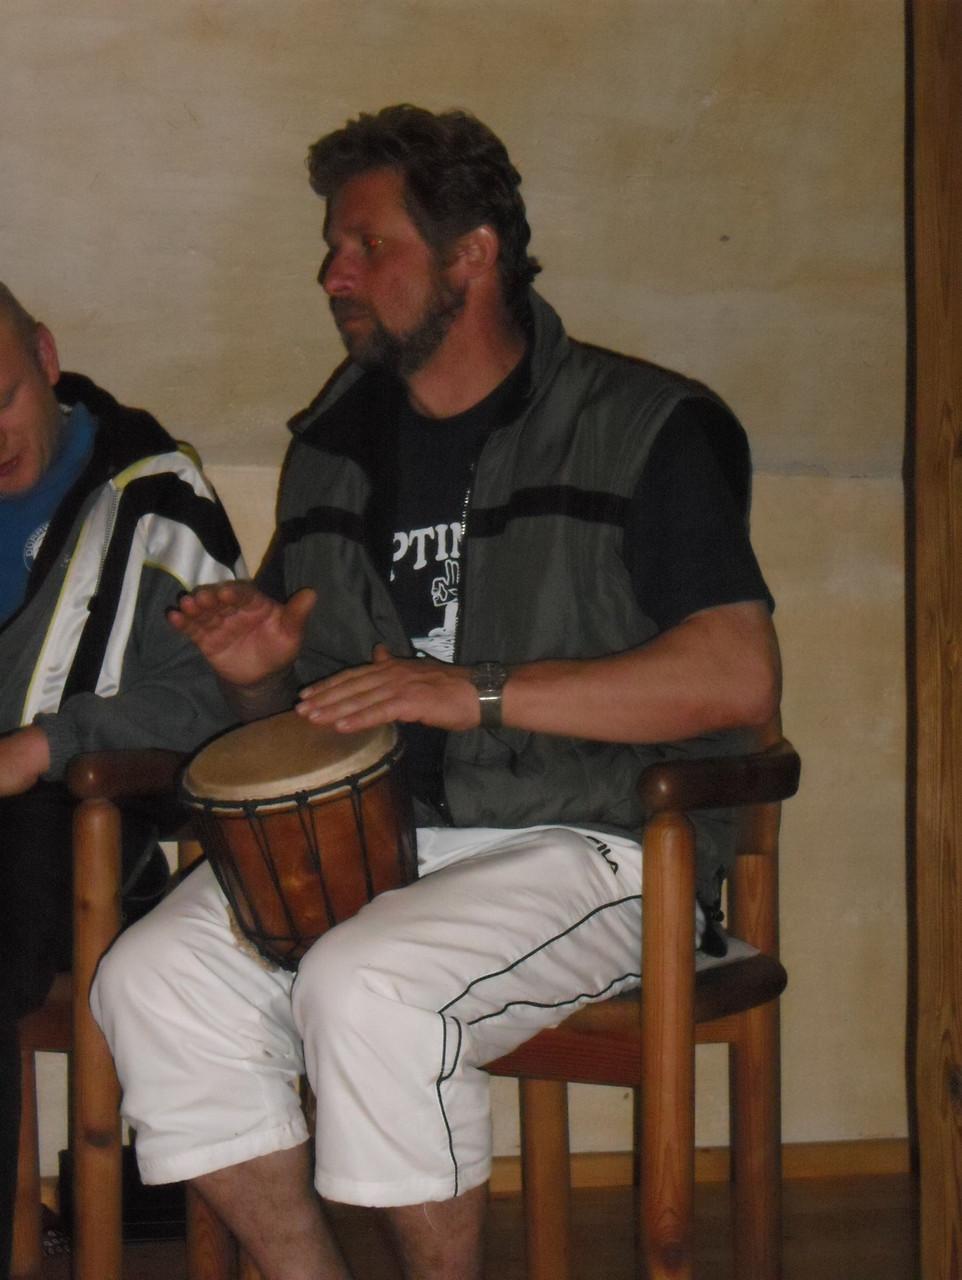 Trommeln - Rhythmus ins Leben bringen